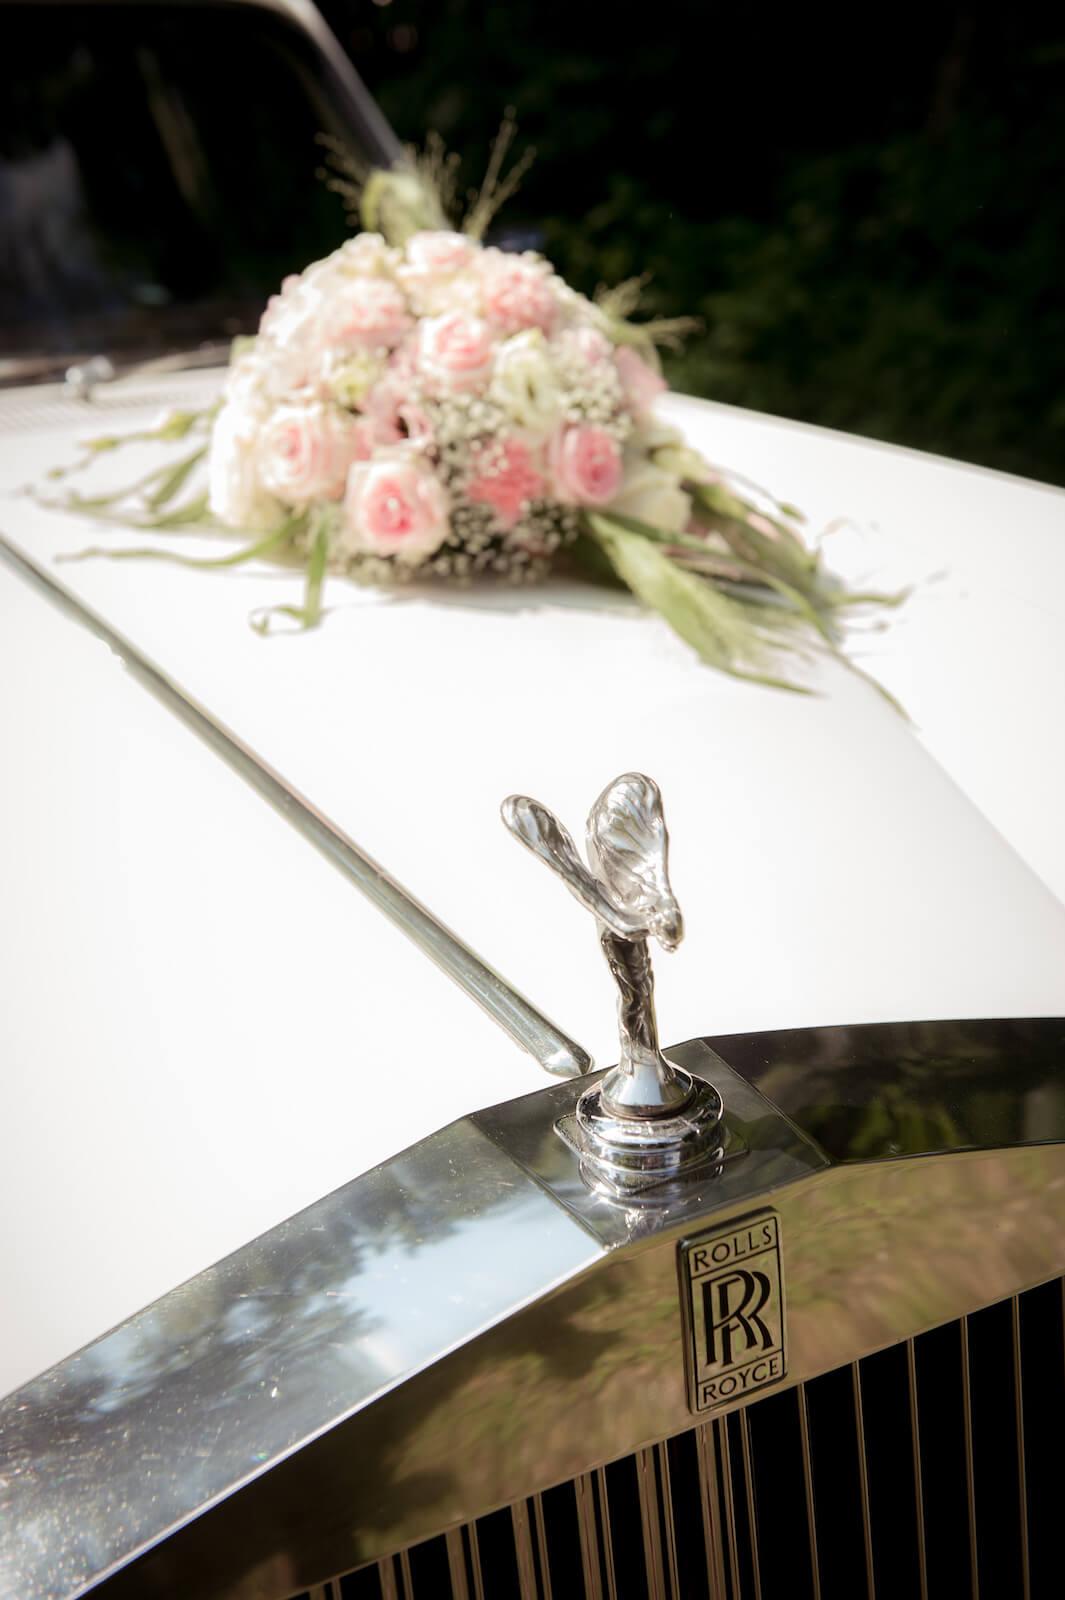 freie Trauung Ammersee - Blumenschmuck auf Rolls Royce